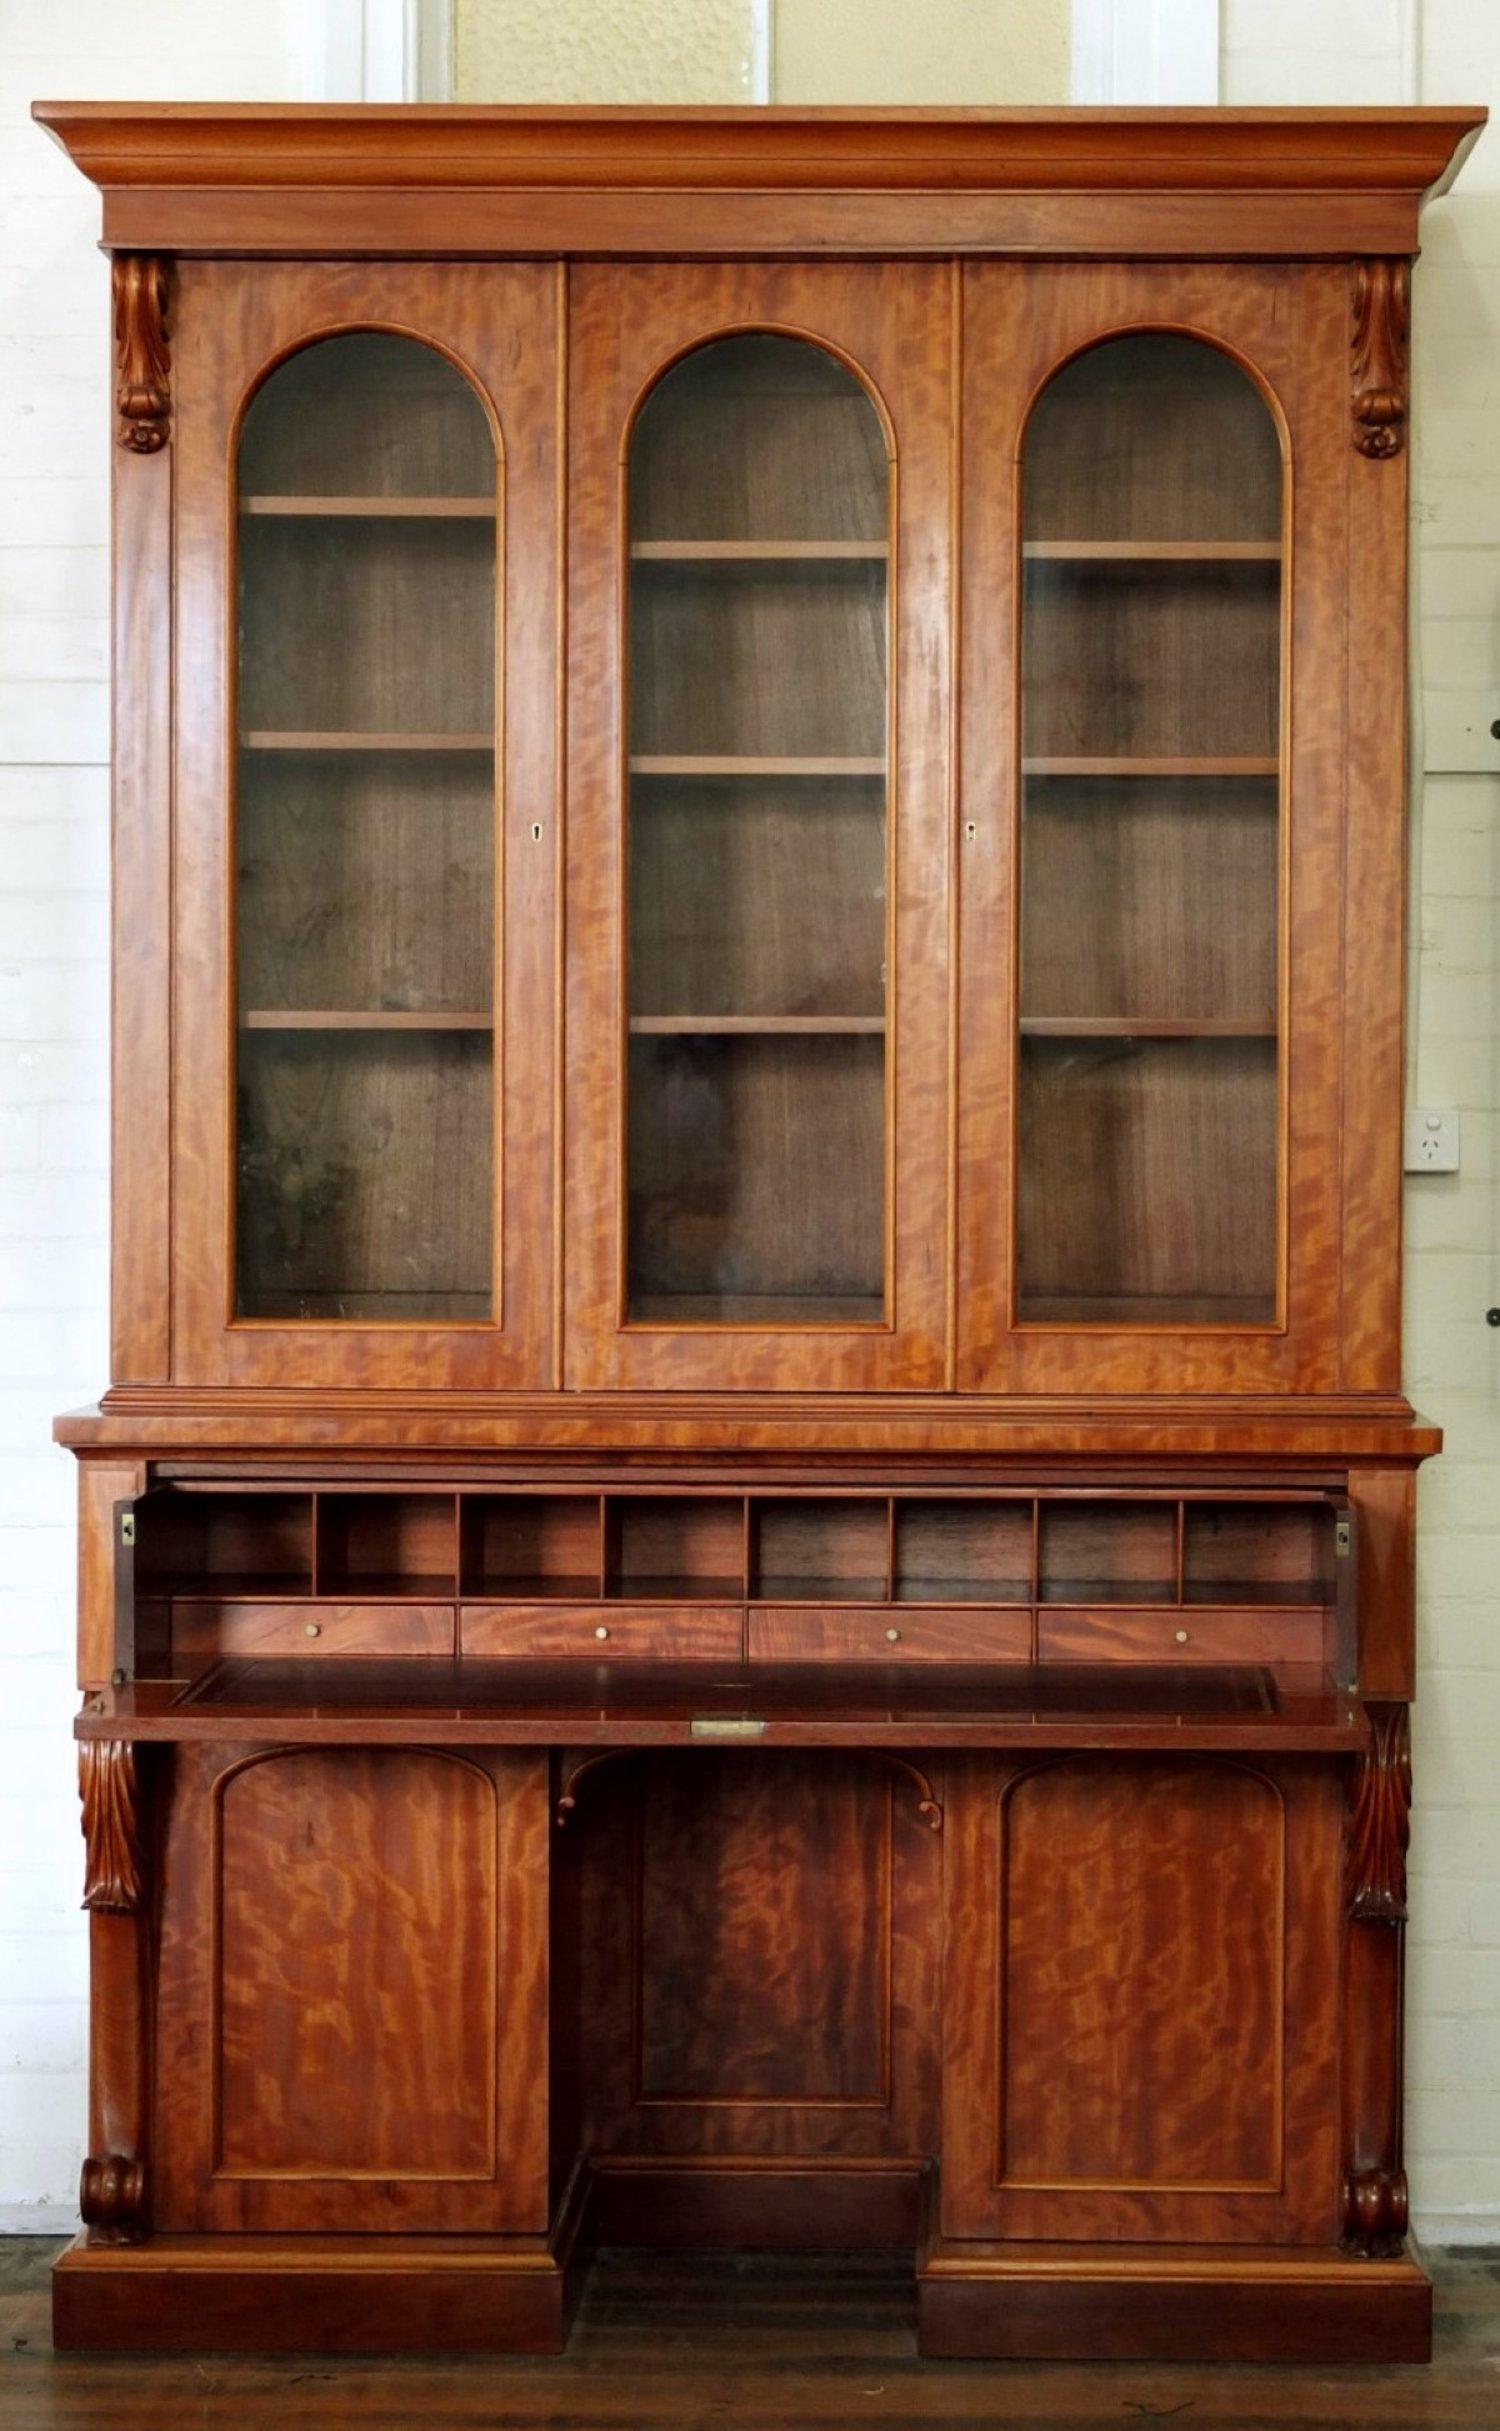 Lenehan Bookcase 2.jpg